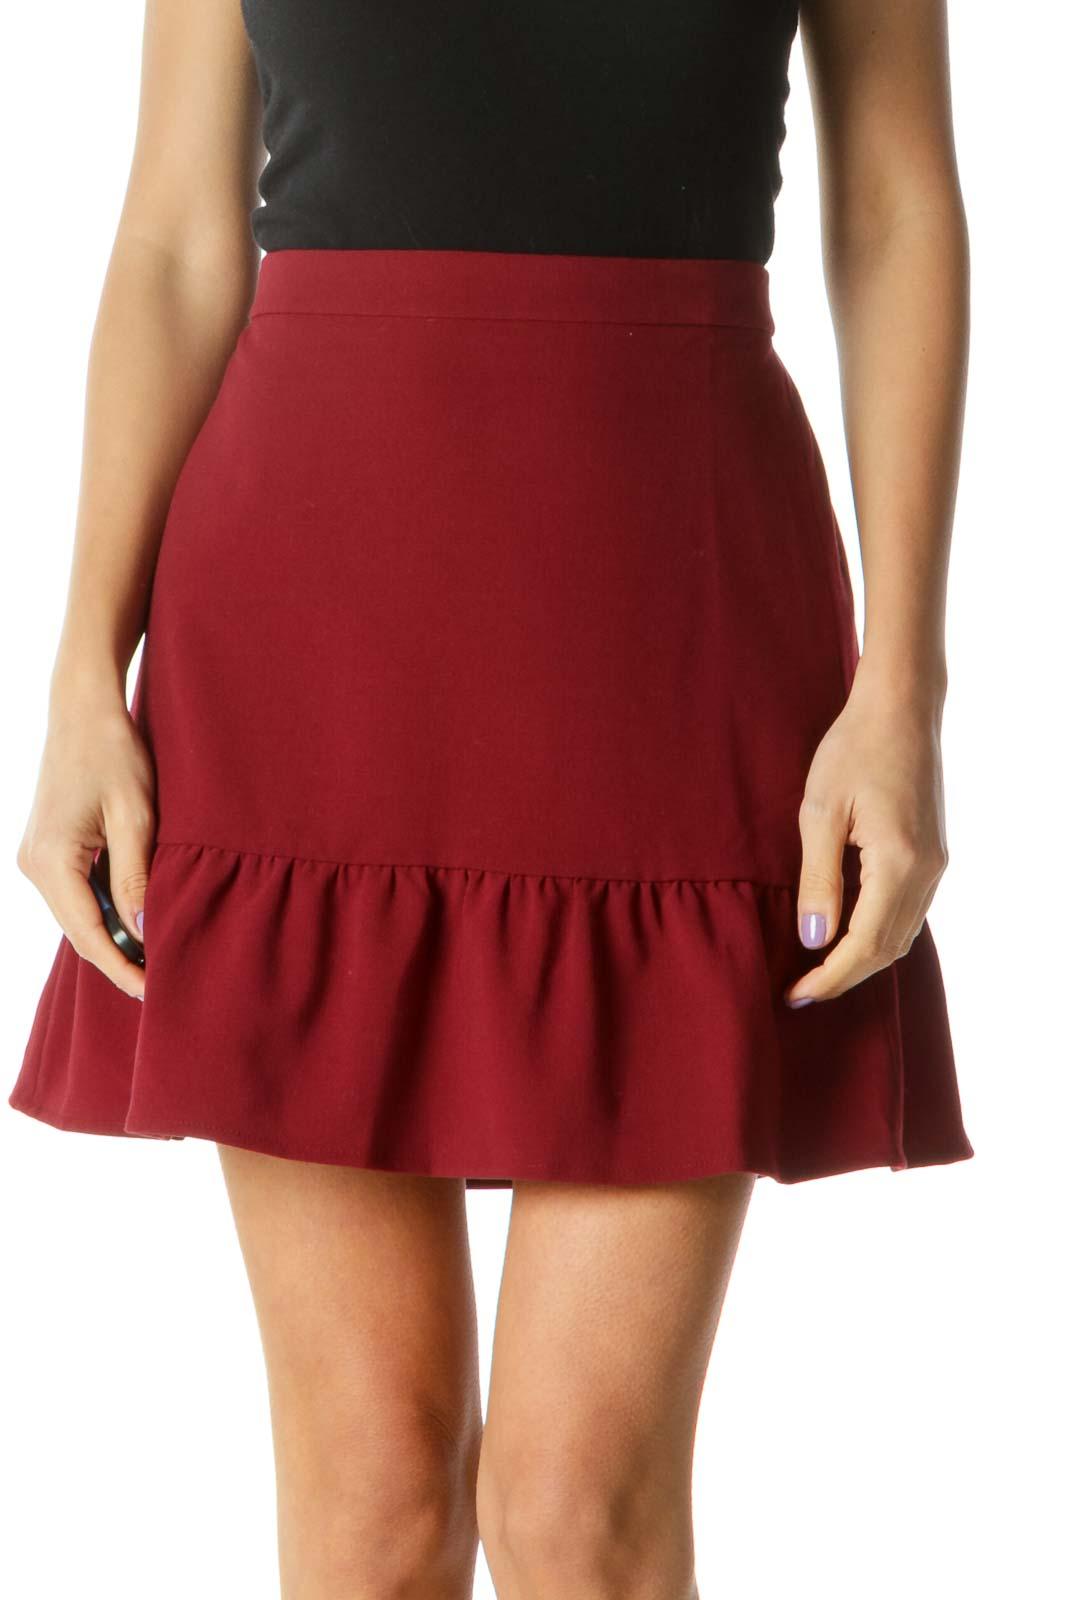 Burgundy Ruffled Edge Skirt Front